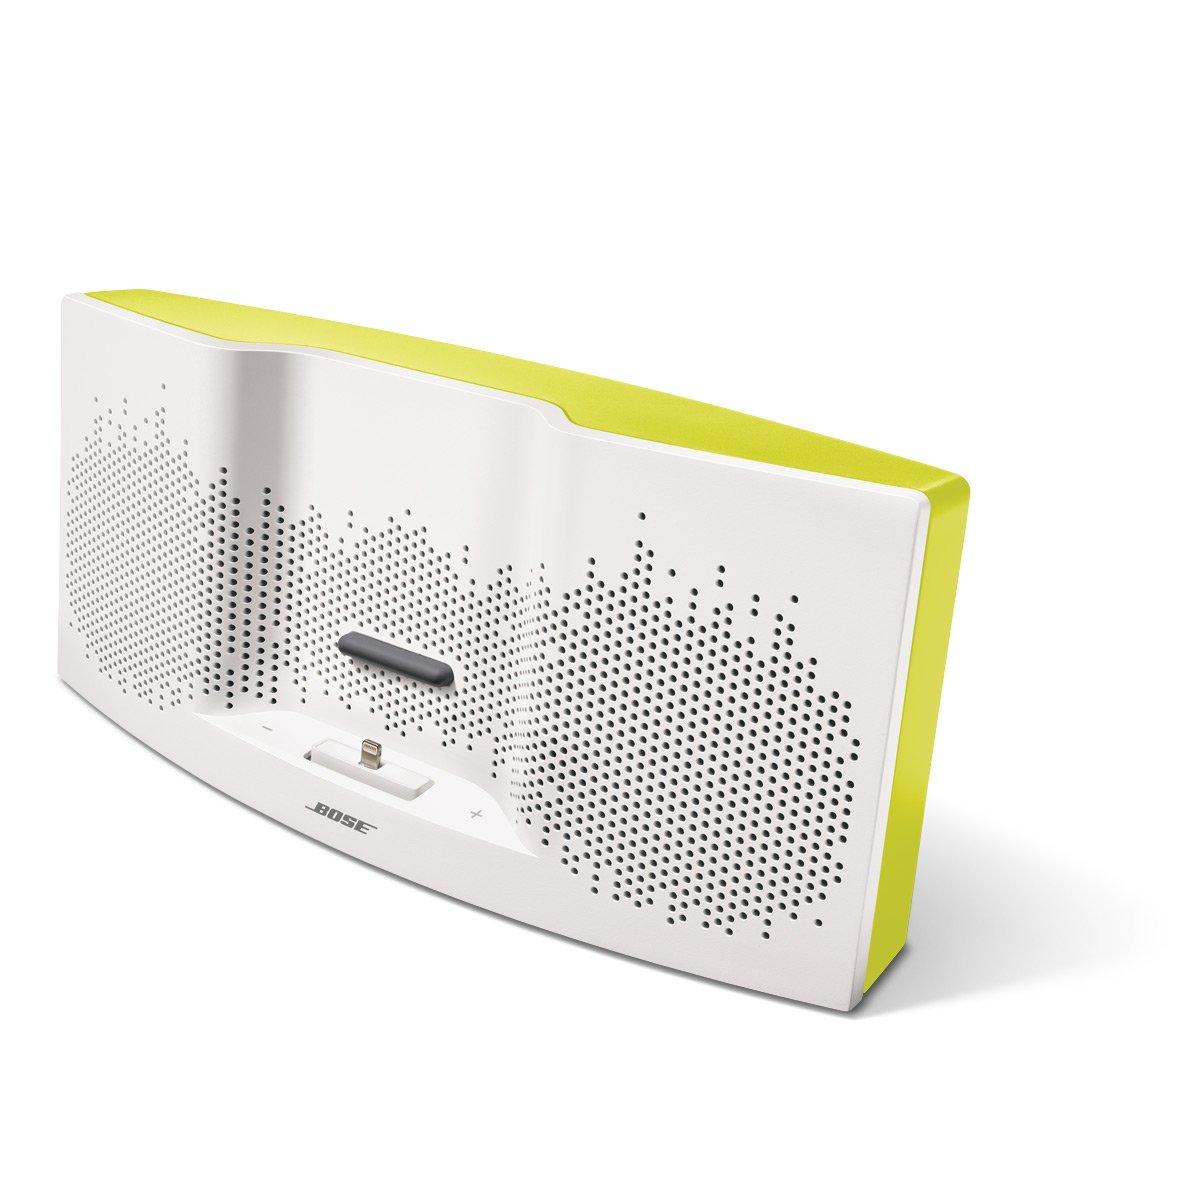 Bose SoundDock XT Lautsprecher weiß/gelb